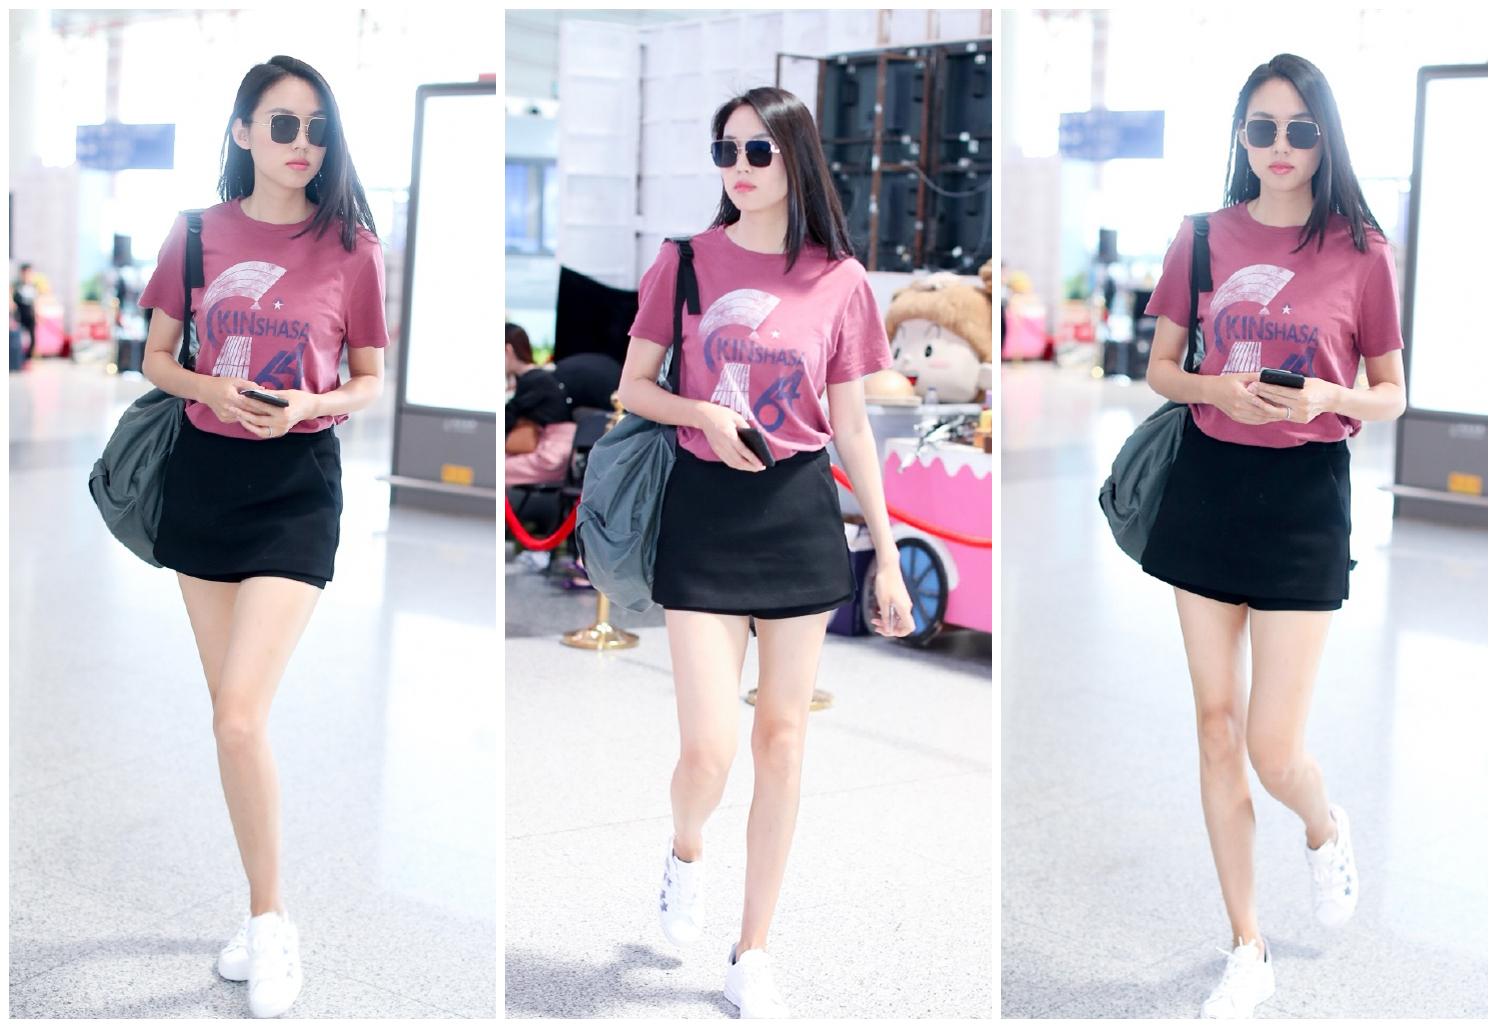 世界小姐张梓琳穿1400薄纱裙优雅又清新,网友:气质不得不服